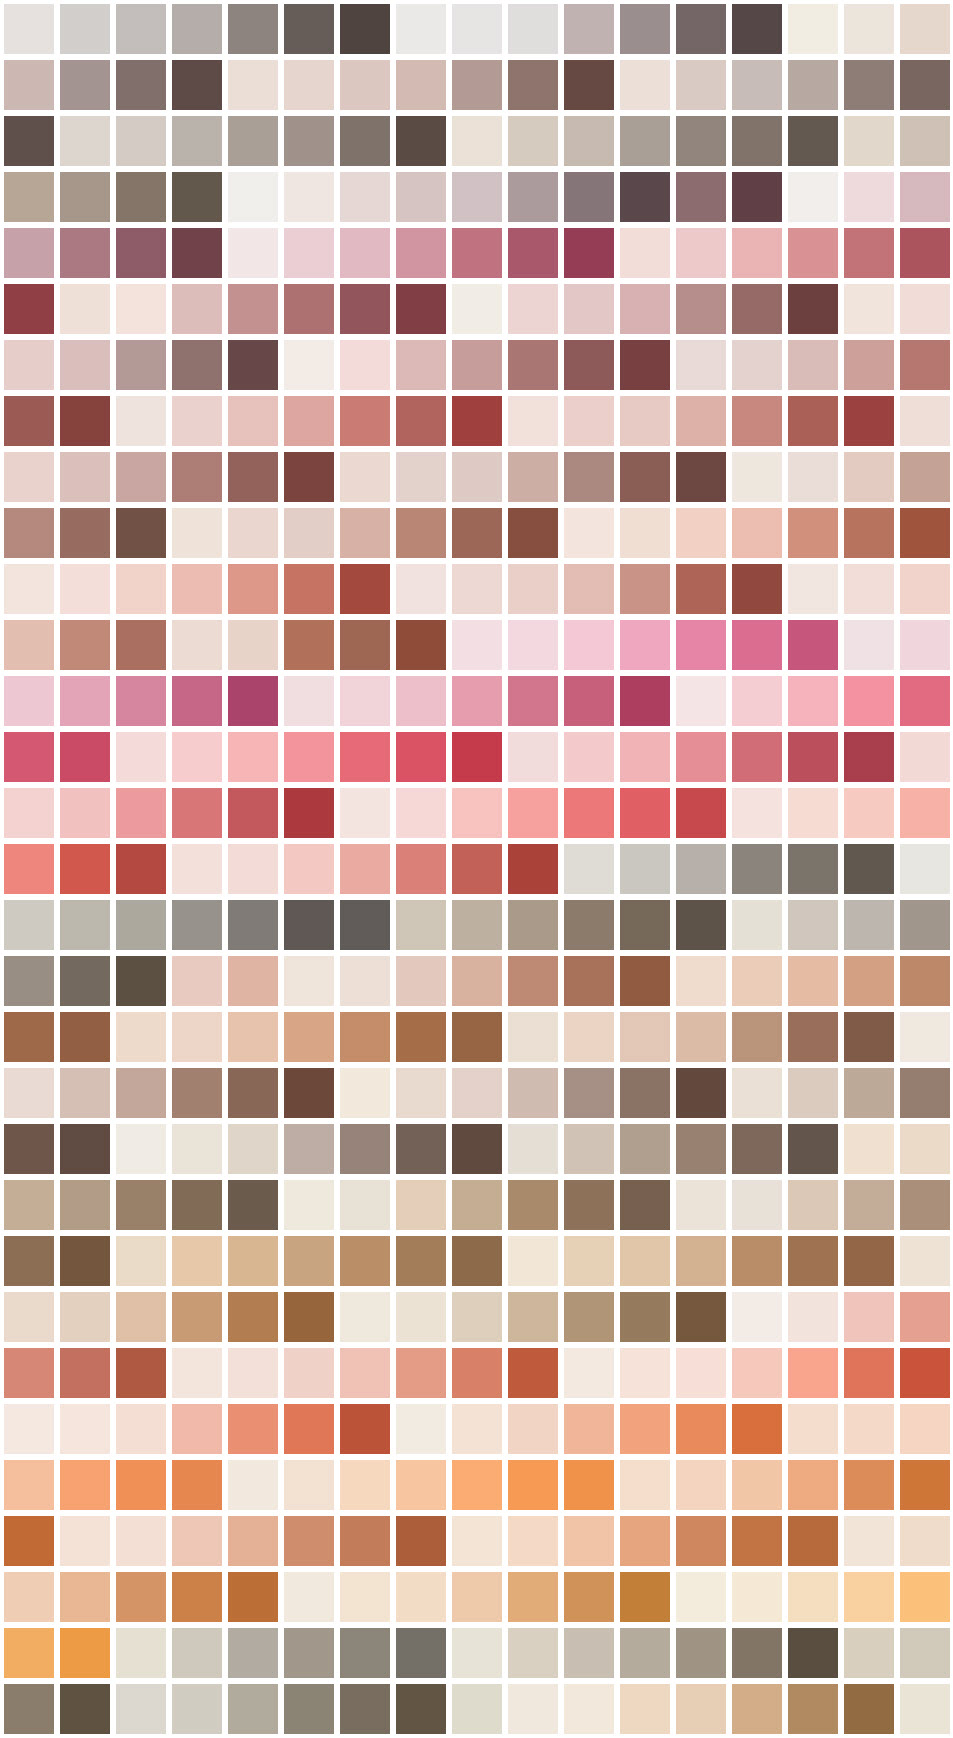 Ppg Paint Color Palettes Humble  Interior & Exterior